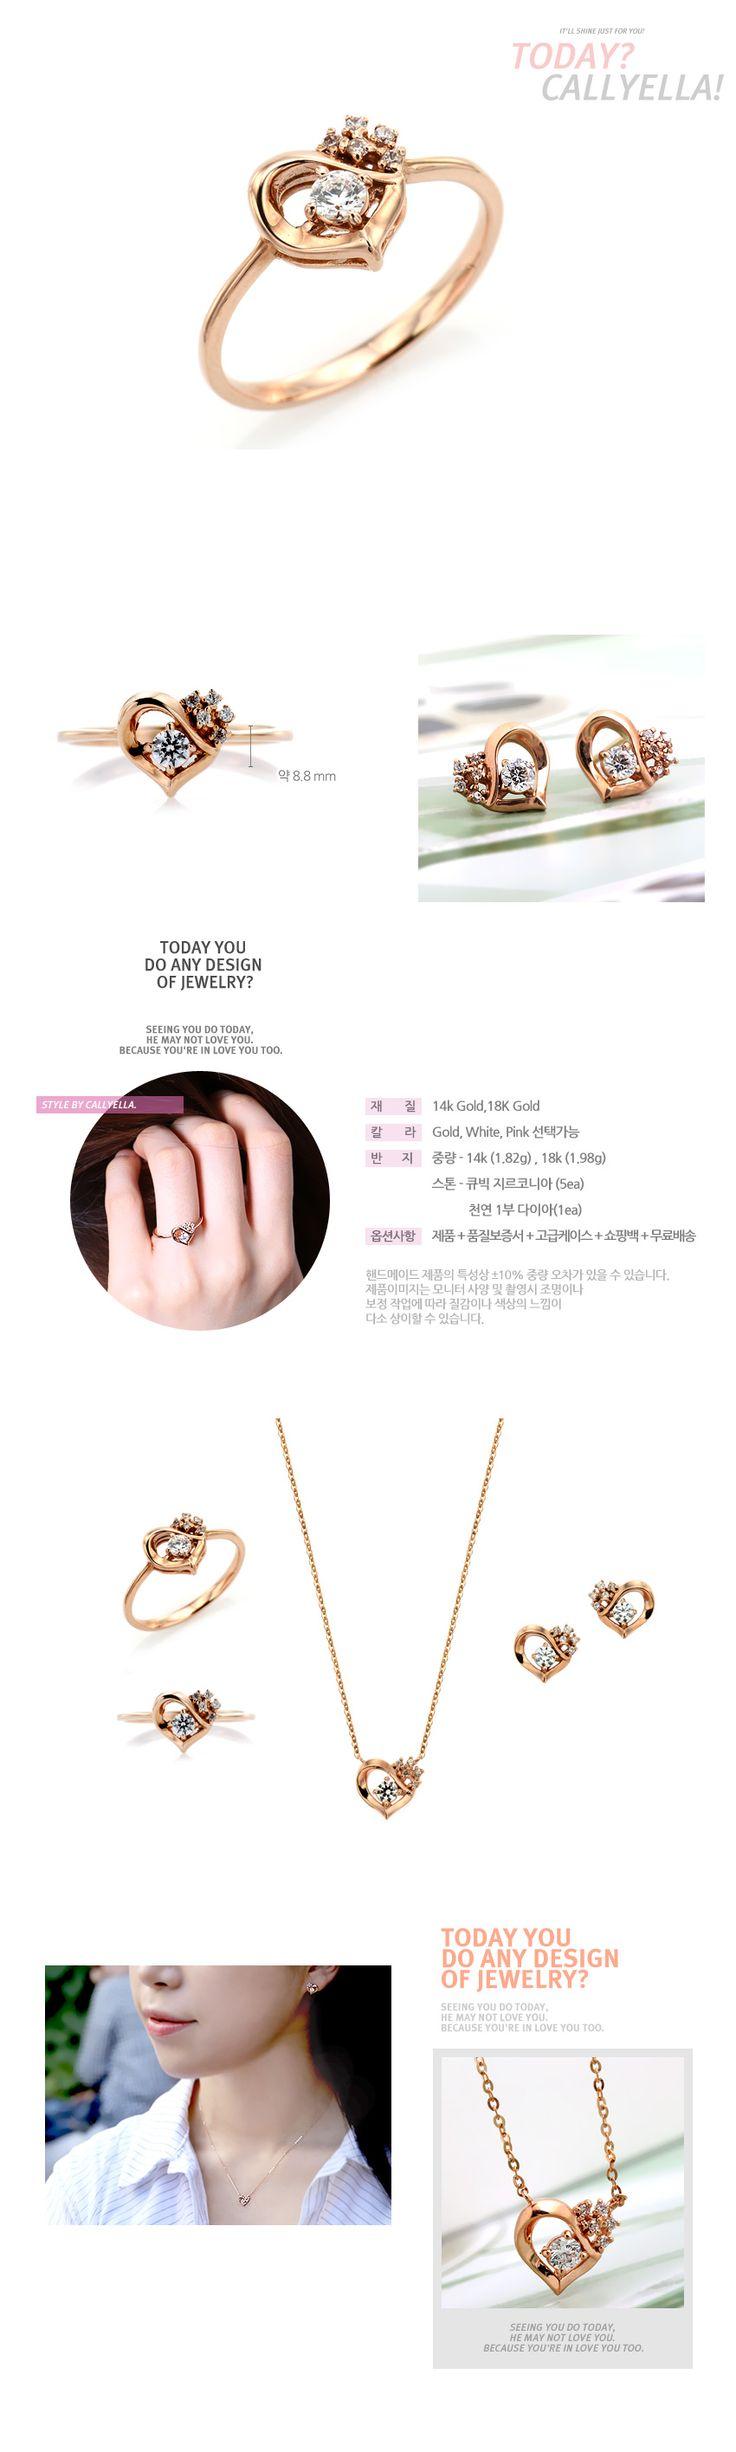 ♥칼리엘라♥ 다이아몬드, 14K&18K, 커플링, 반지, 애끼링, 목걸이, 팔찌, 발찌, 귀걸이